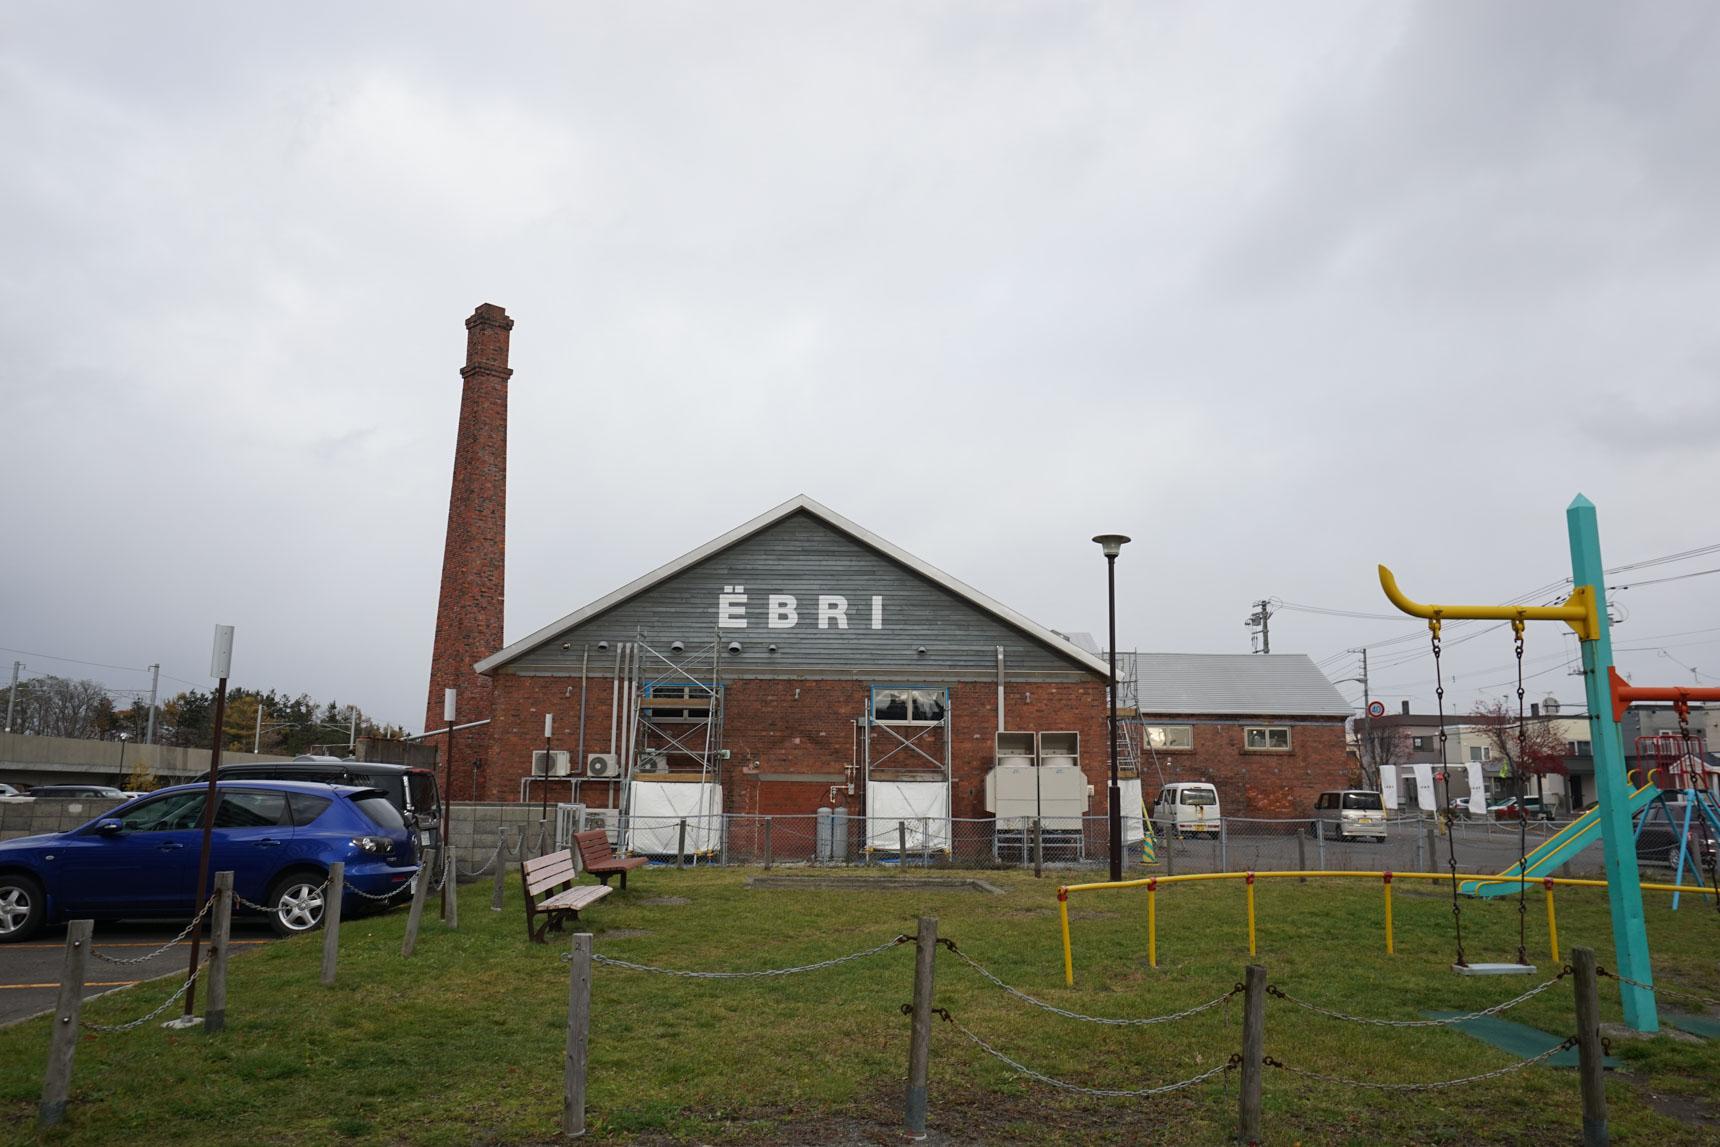 取材後、バスで野幌へ。小川さんに教えてもらった「EBRI」という商業施設にやってきました。土管工場をリノベーションした建物で、2019年3月には国の登録有形文化財に登録されているそう。使用されている赤煉瓦はもちろん江別産。